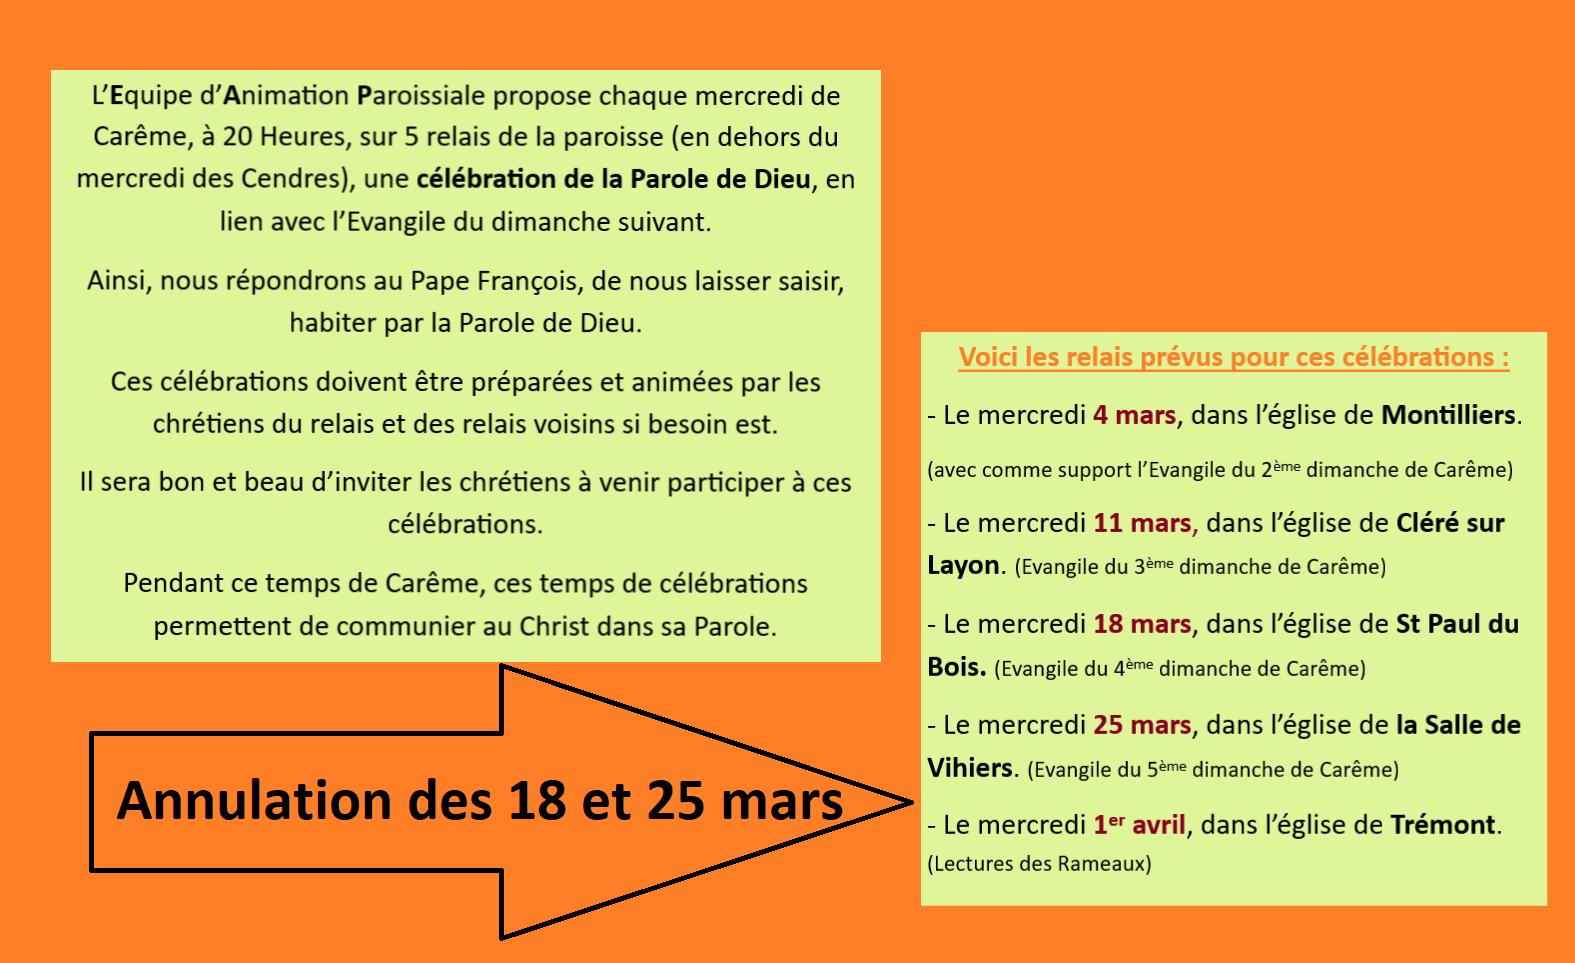 Rétrospectives Paroissiales (Autres Que Les Offices pour Mars De Maurice Careme A Imprimer